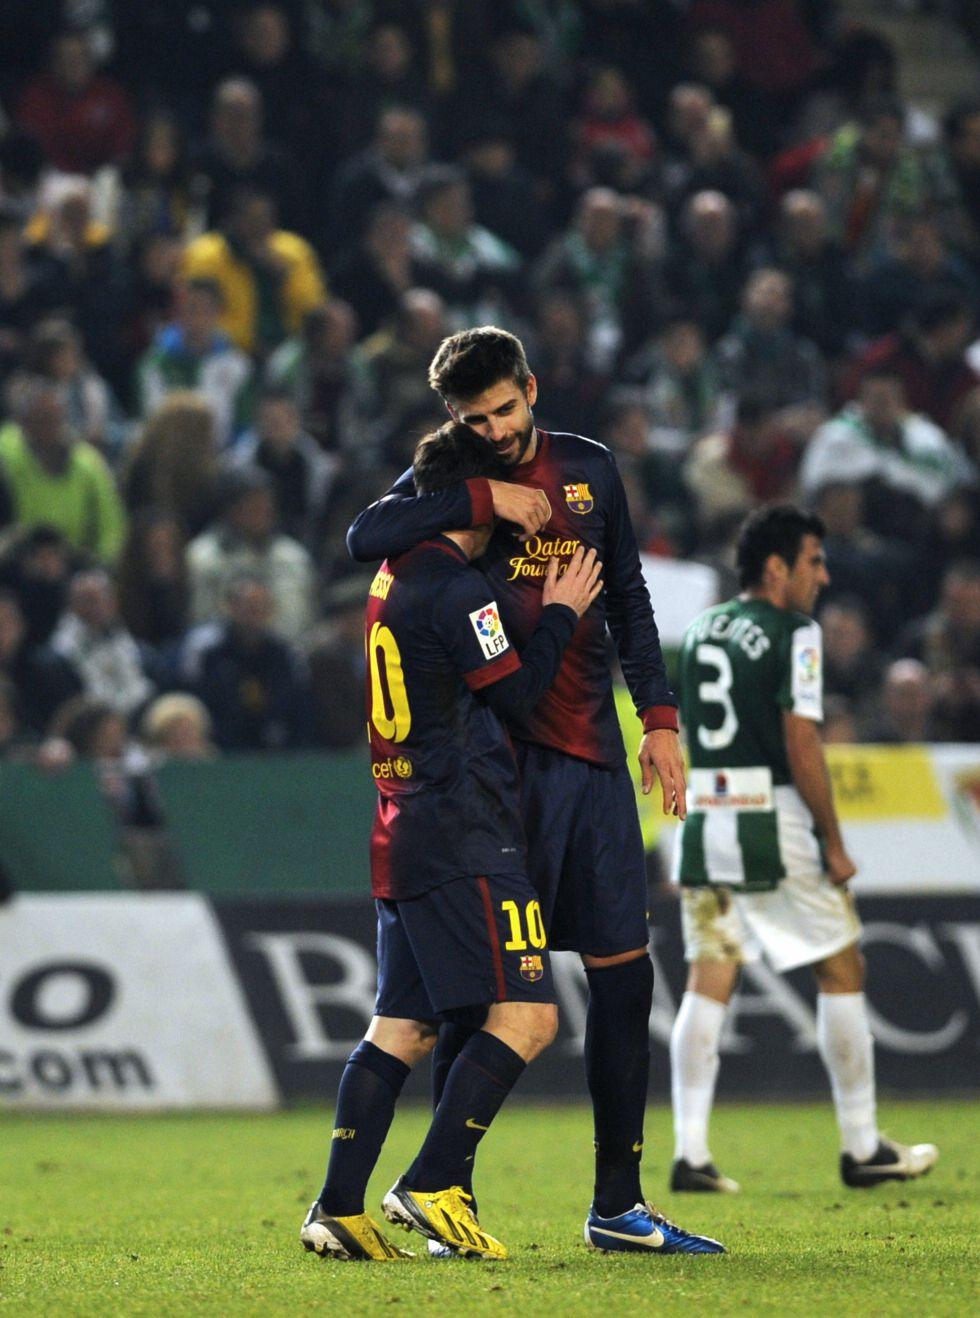 """Piqué: """"La opinión de Iker tiene peso, pero lucharán por la Liga"""""""